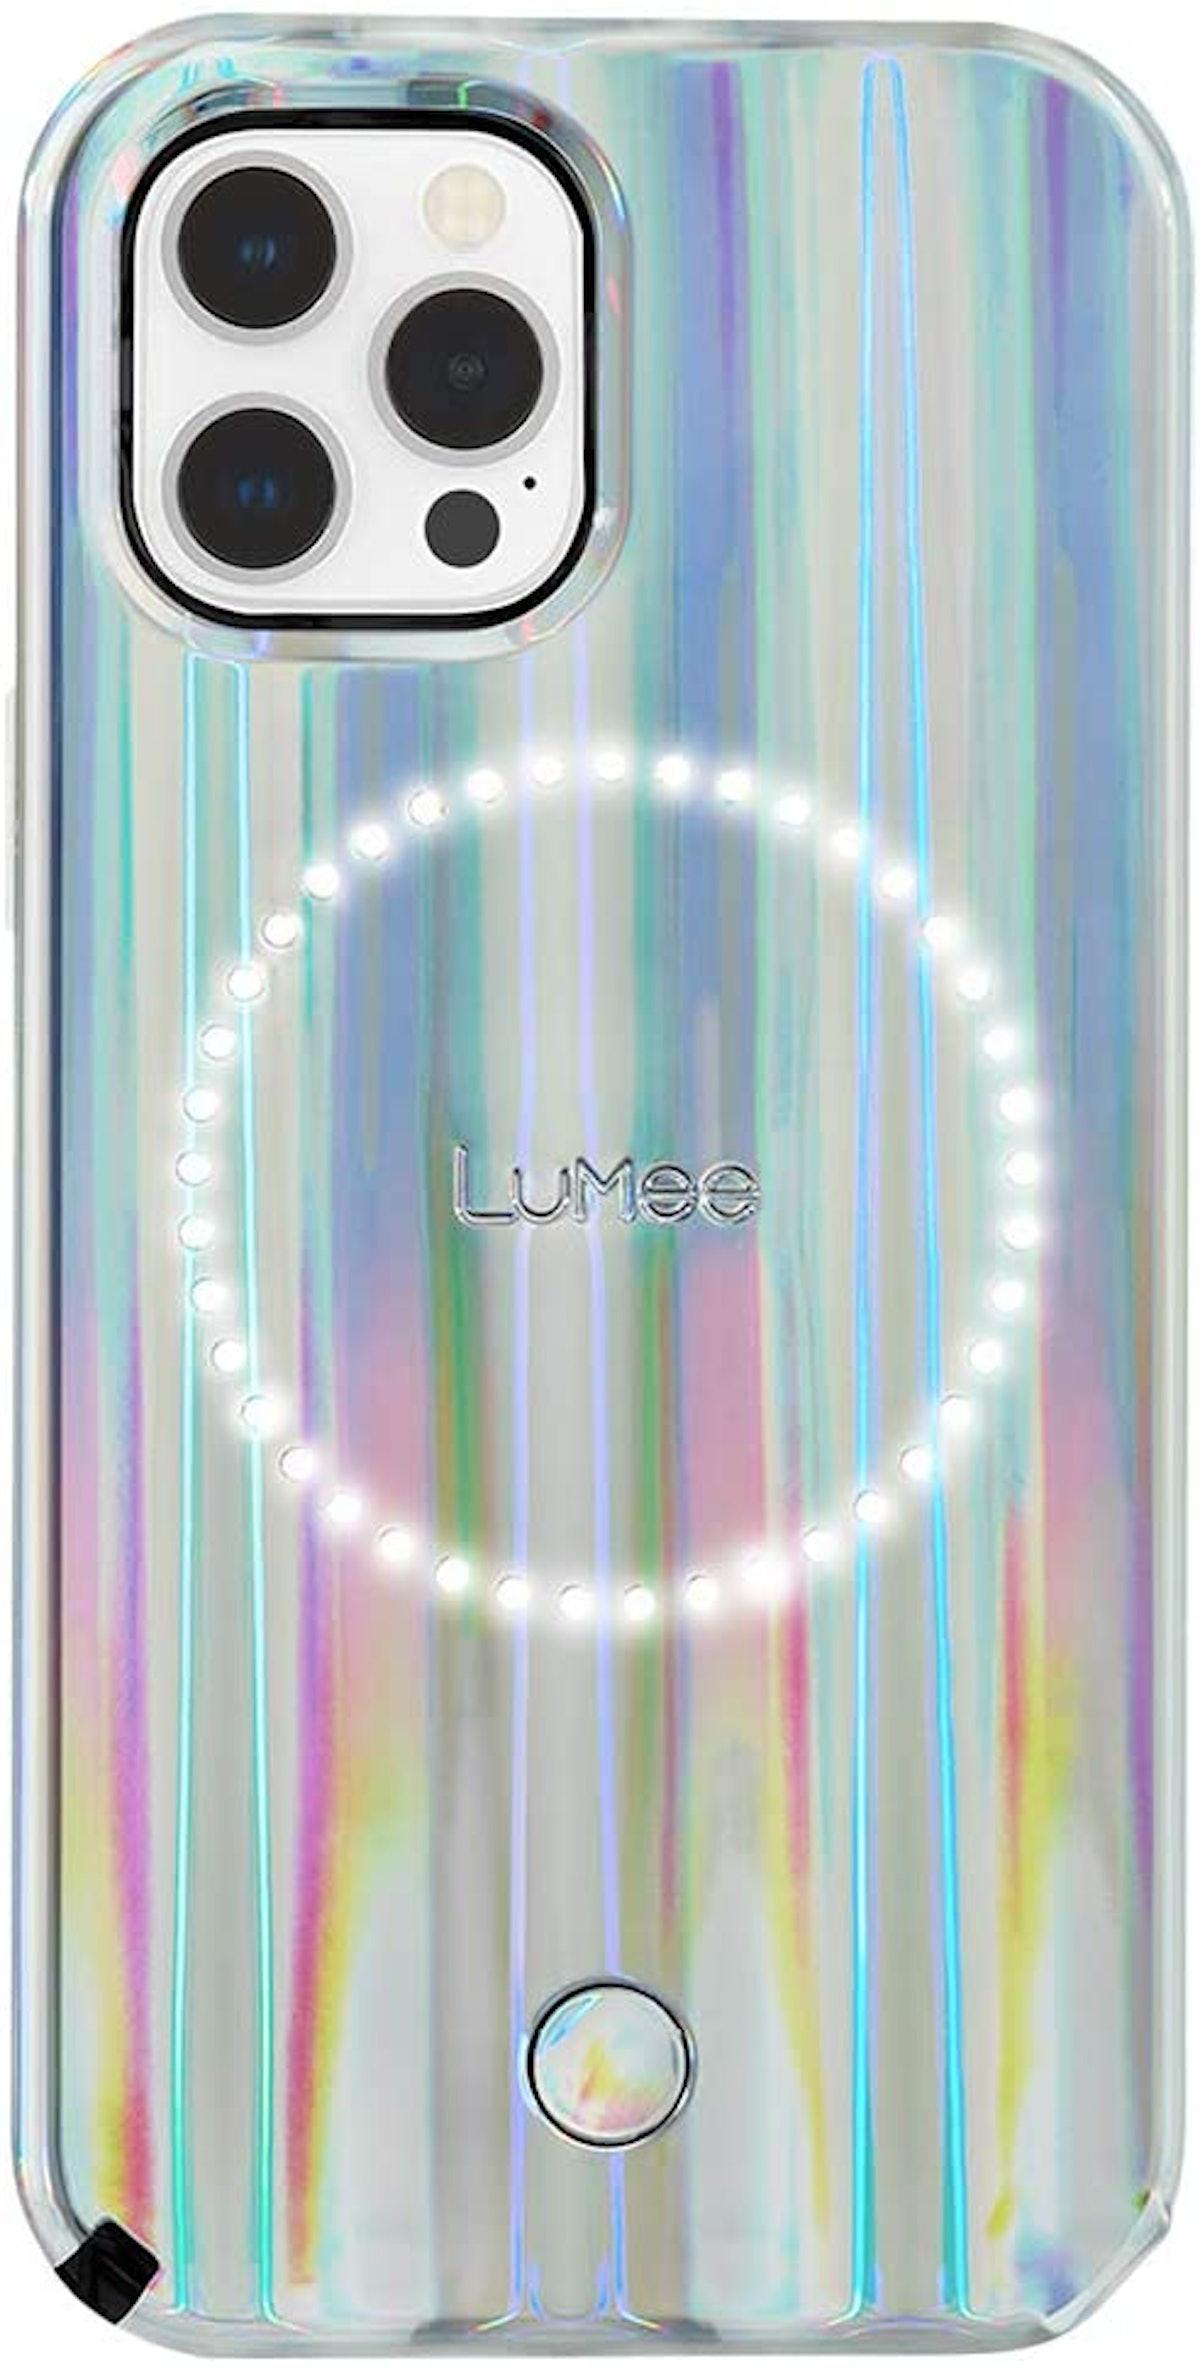 LuMee Halo by Paris Hilton